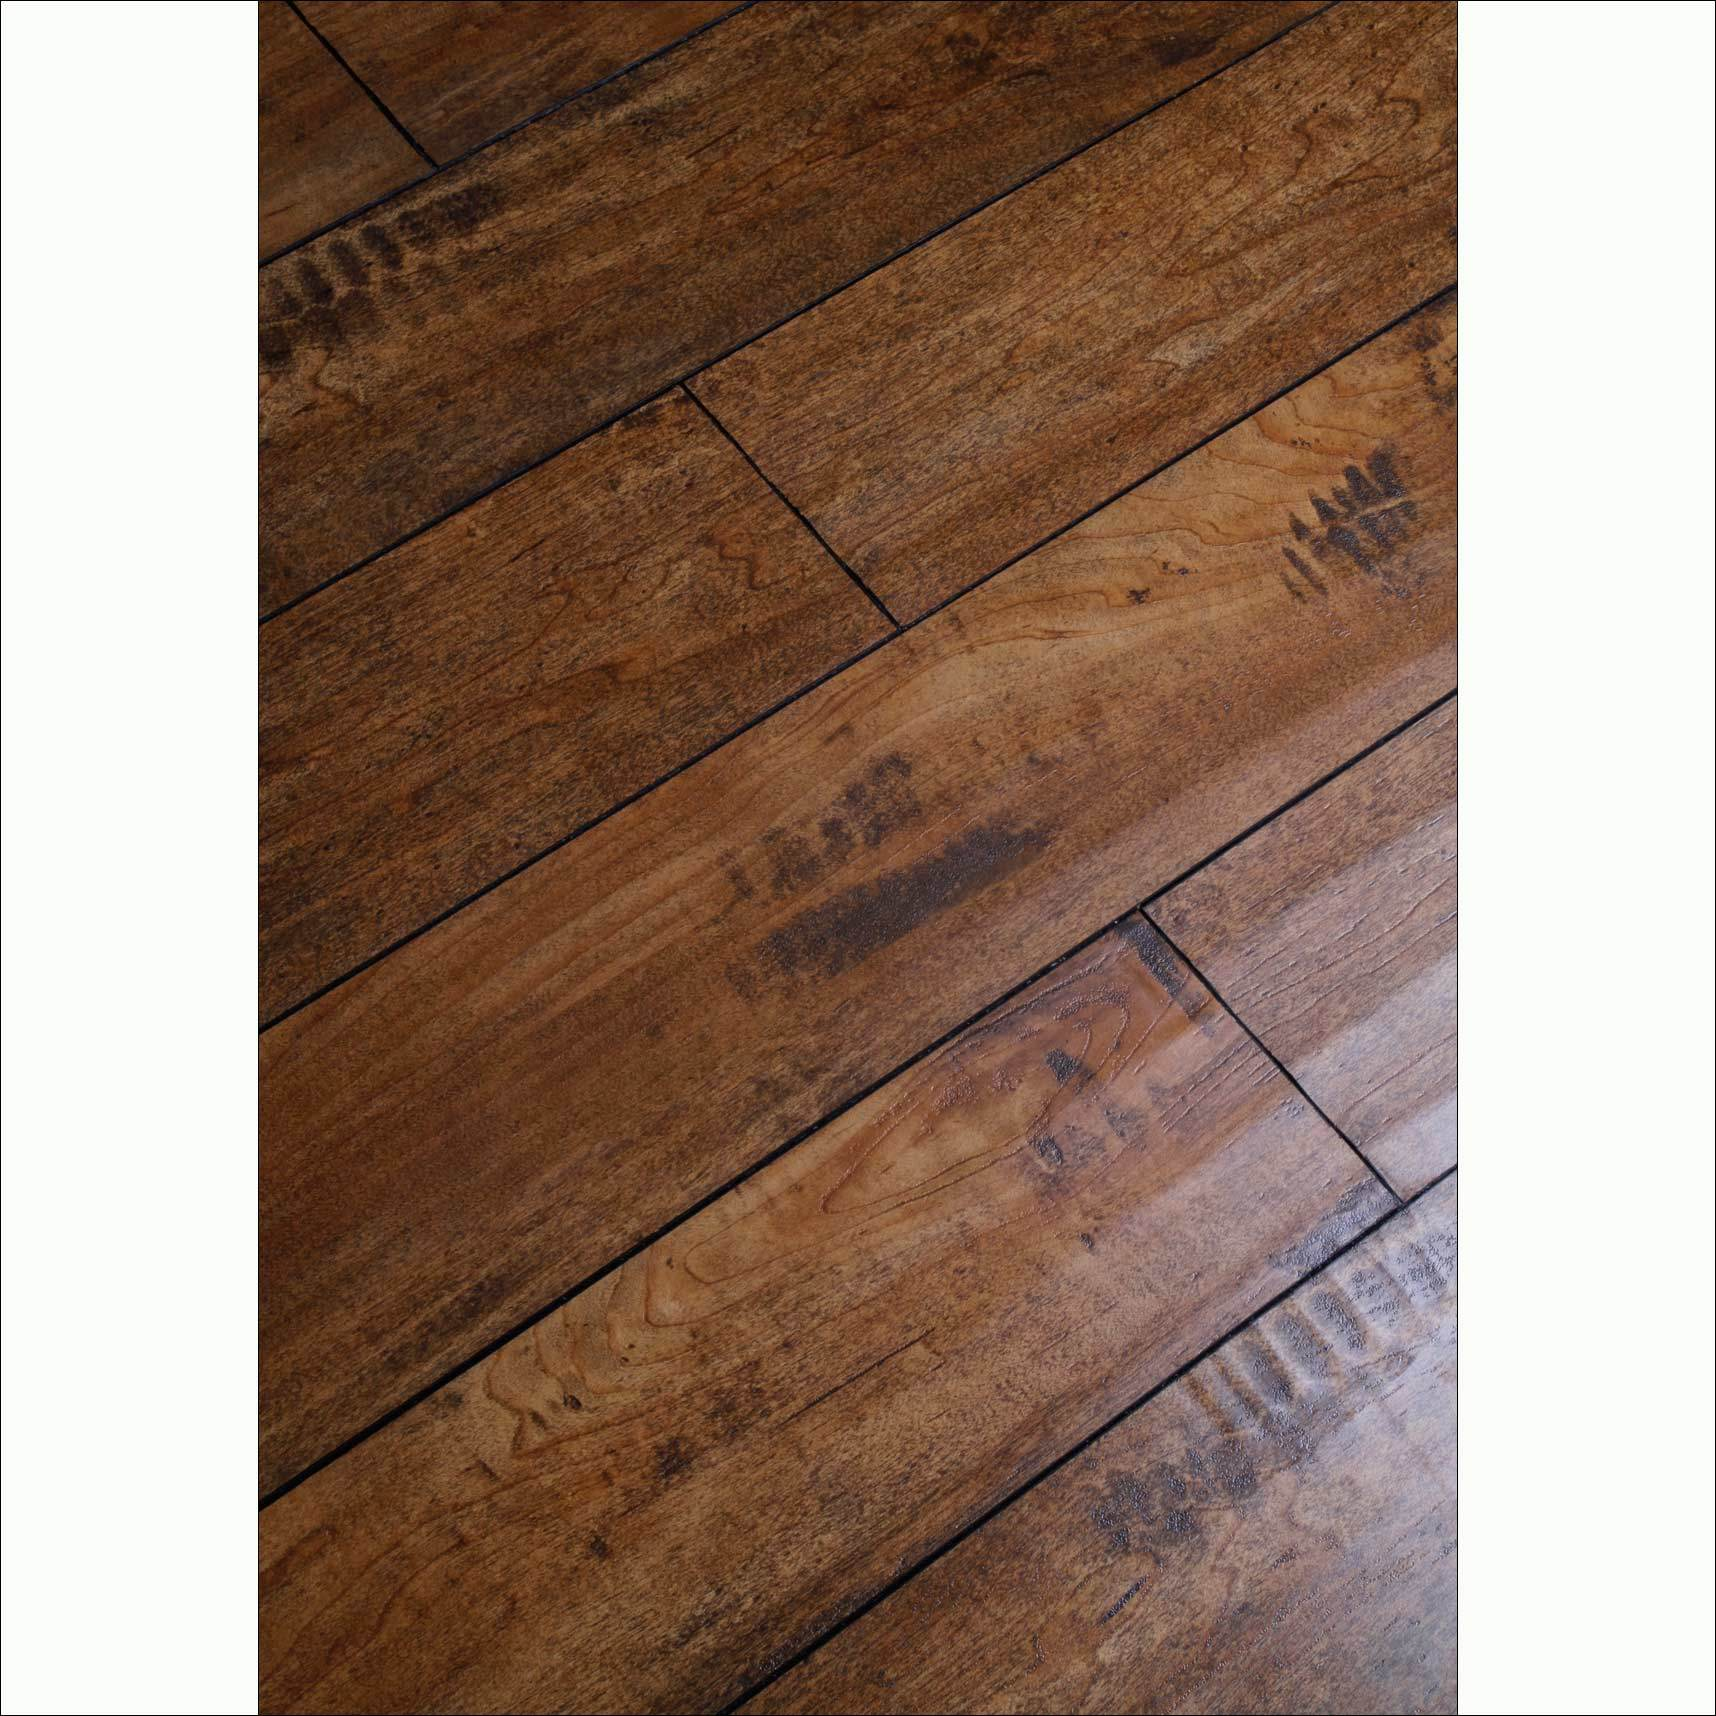 Hdf Waterproof Hand Sed Grain Laminate Flooring